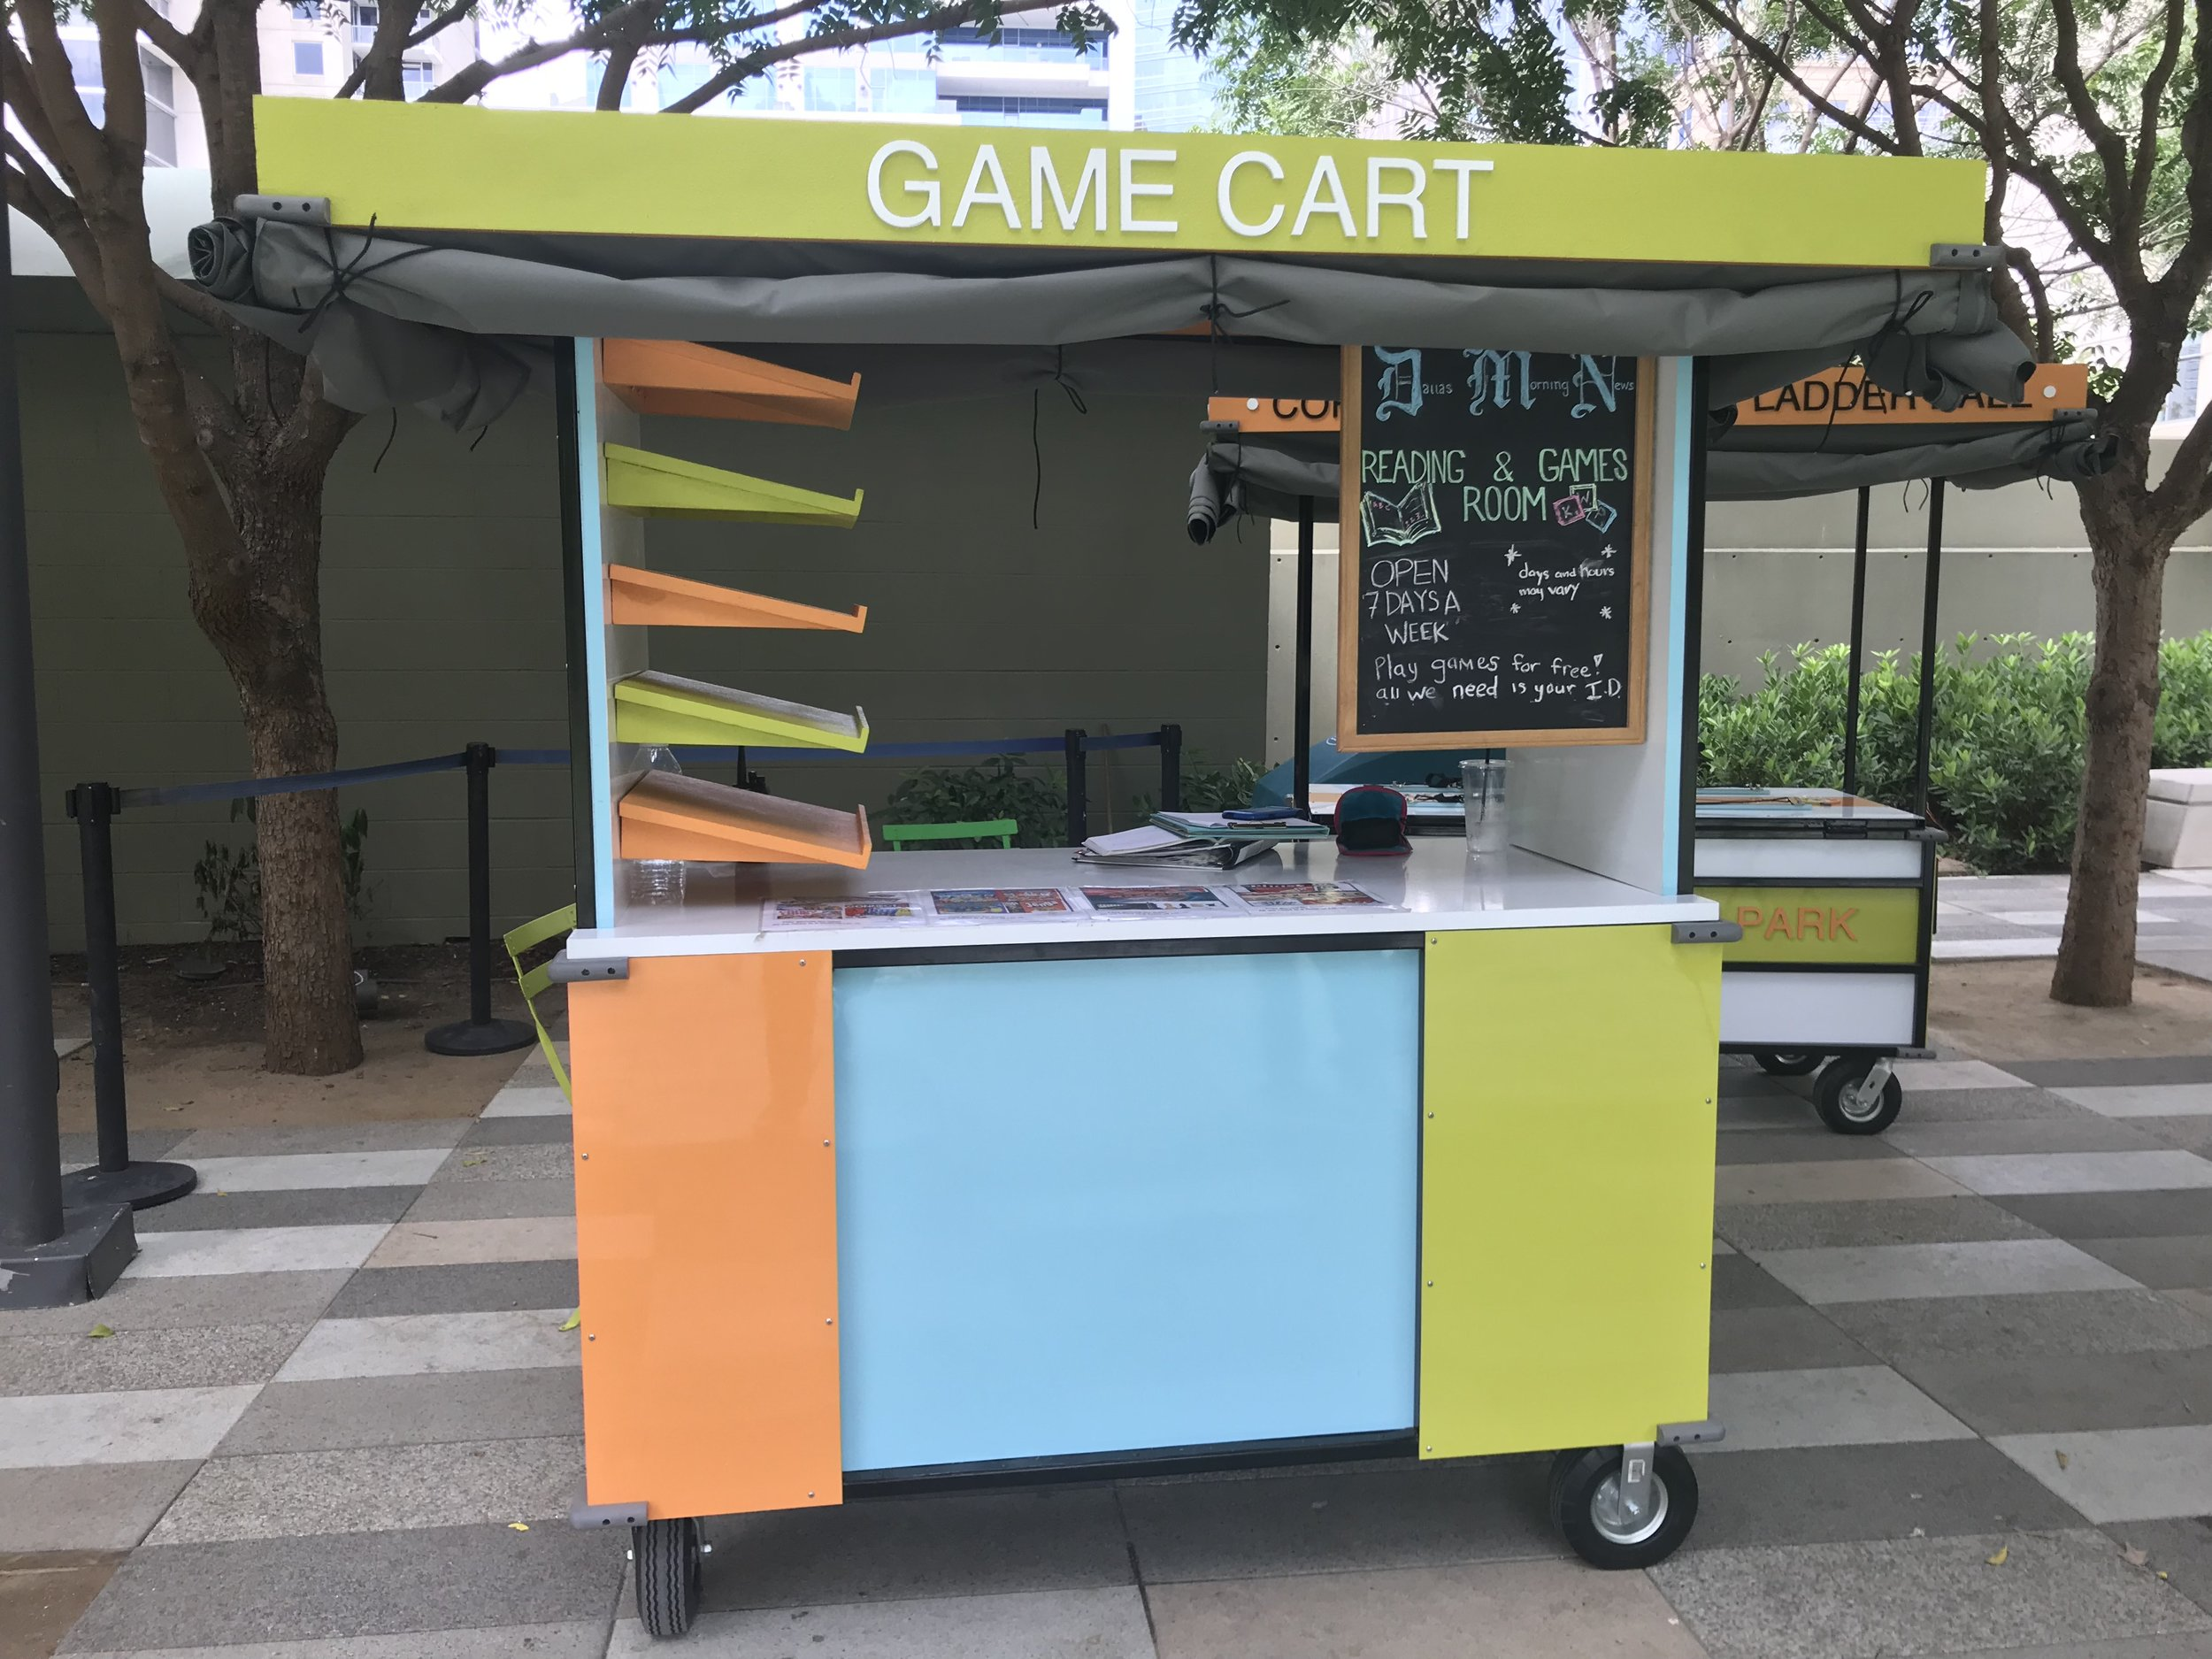 KWP - Game Cart 1.JPG